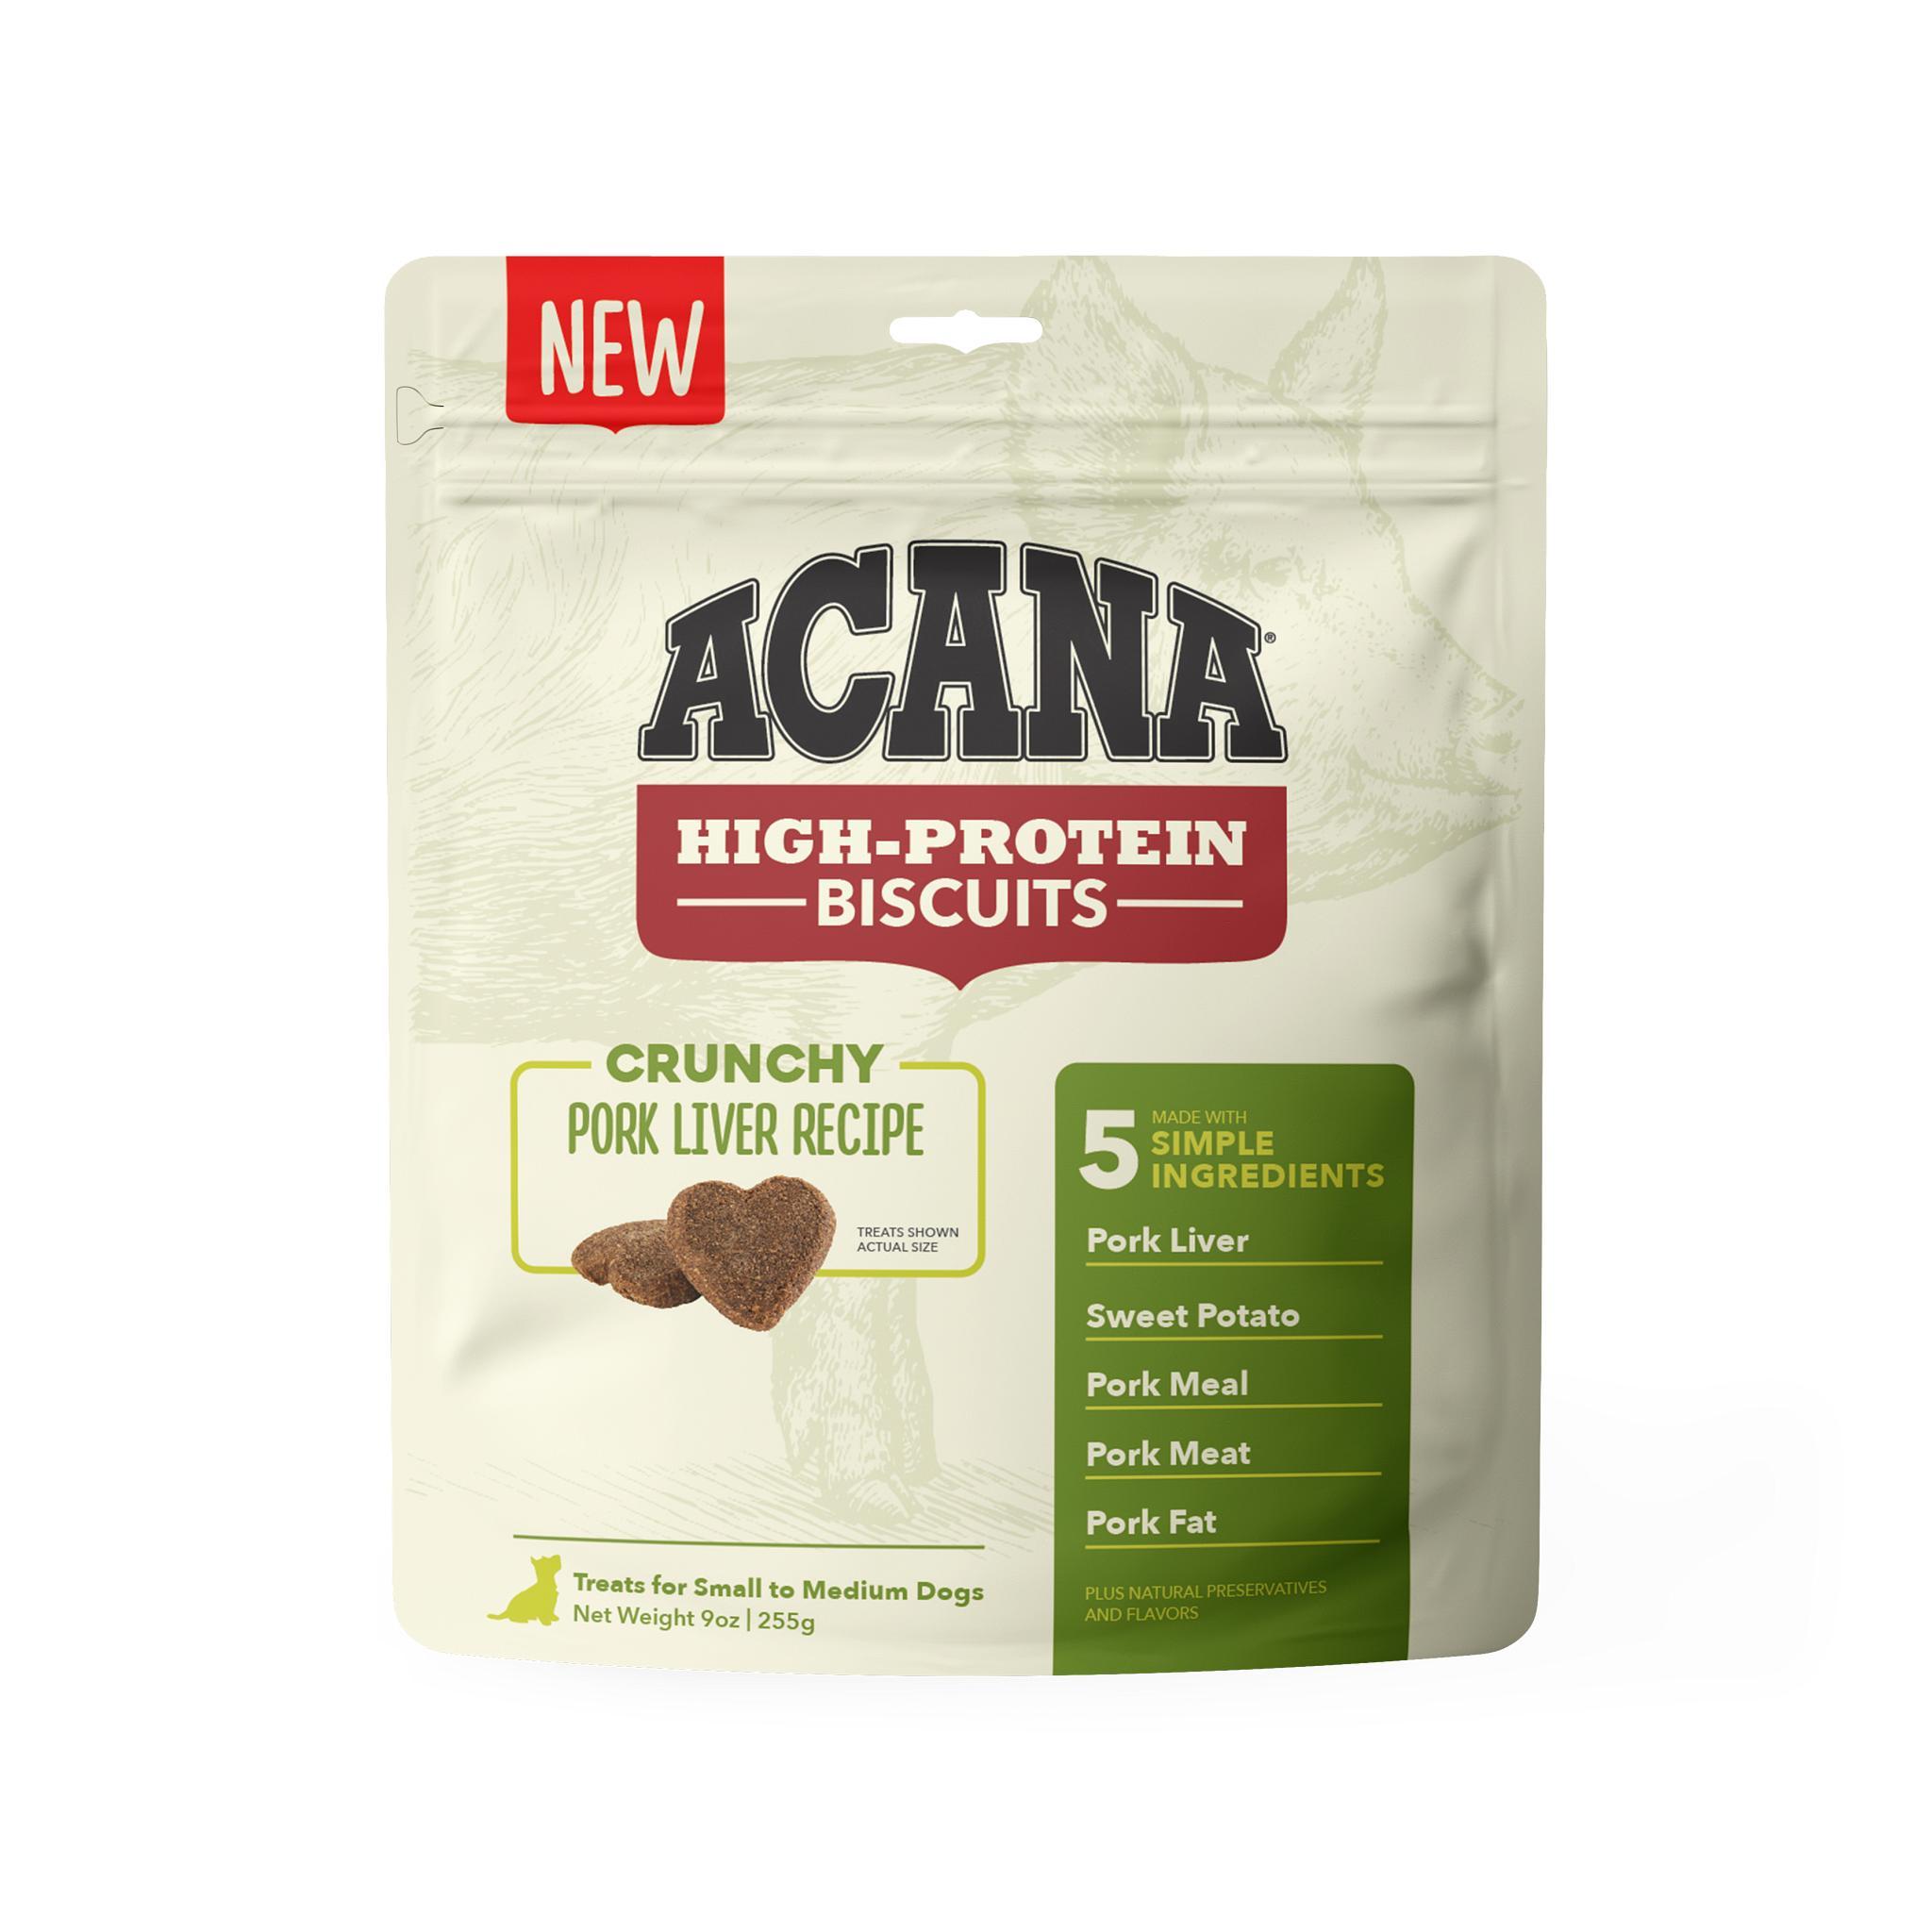 ACANA Crunchy Biscuits Pork Liver Recipe Dog Treats Image